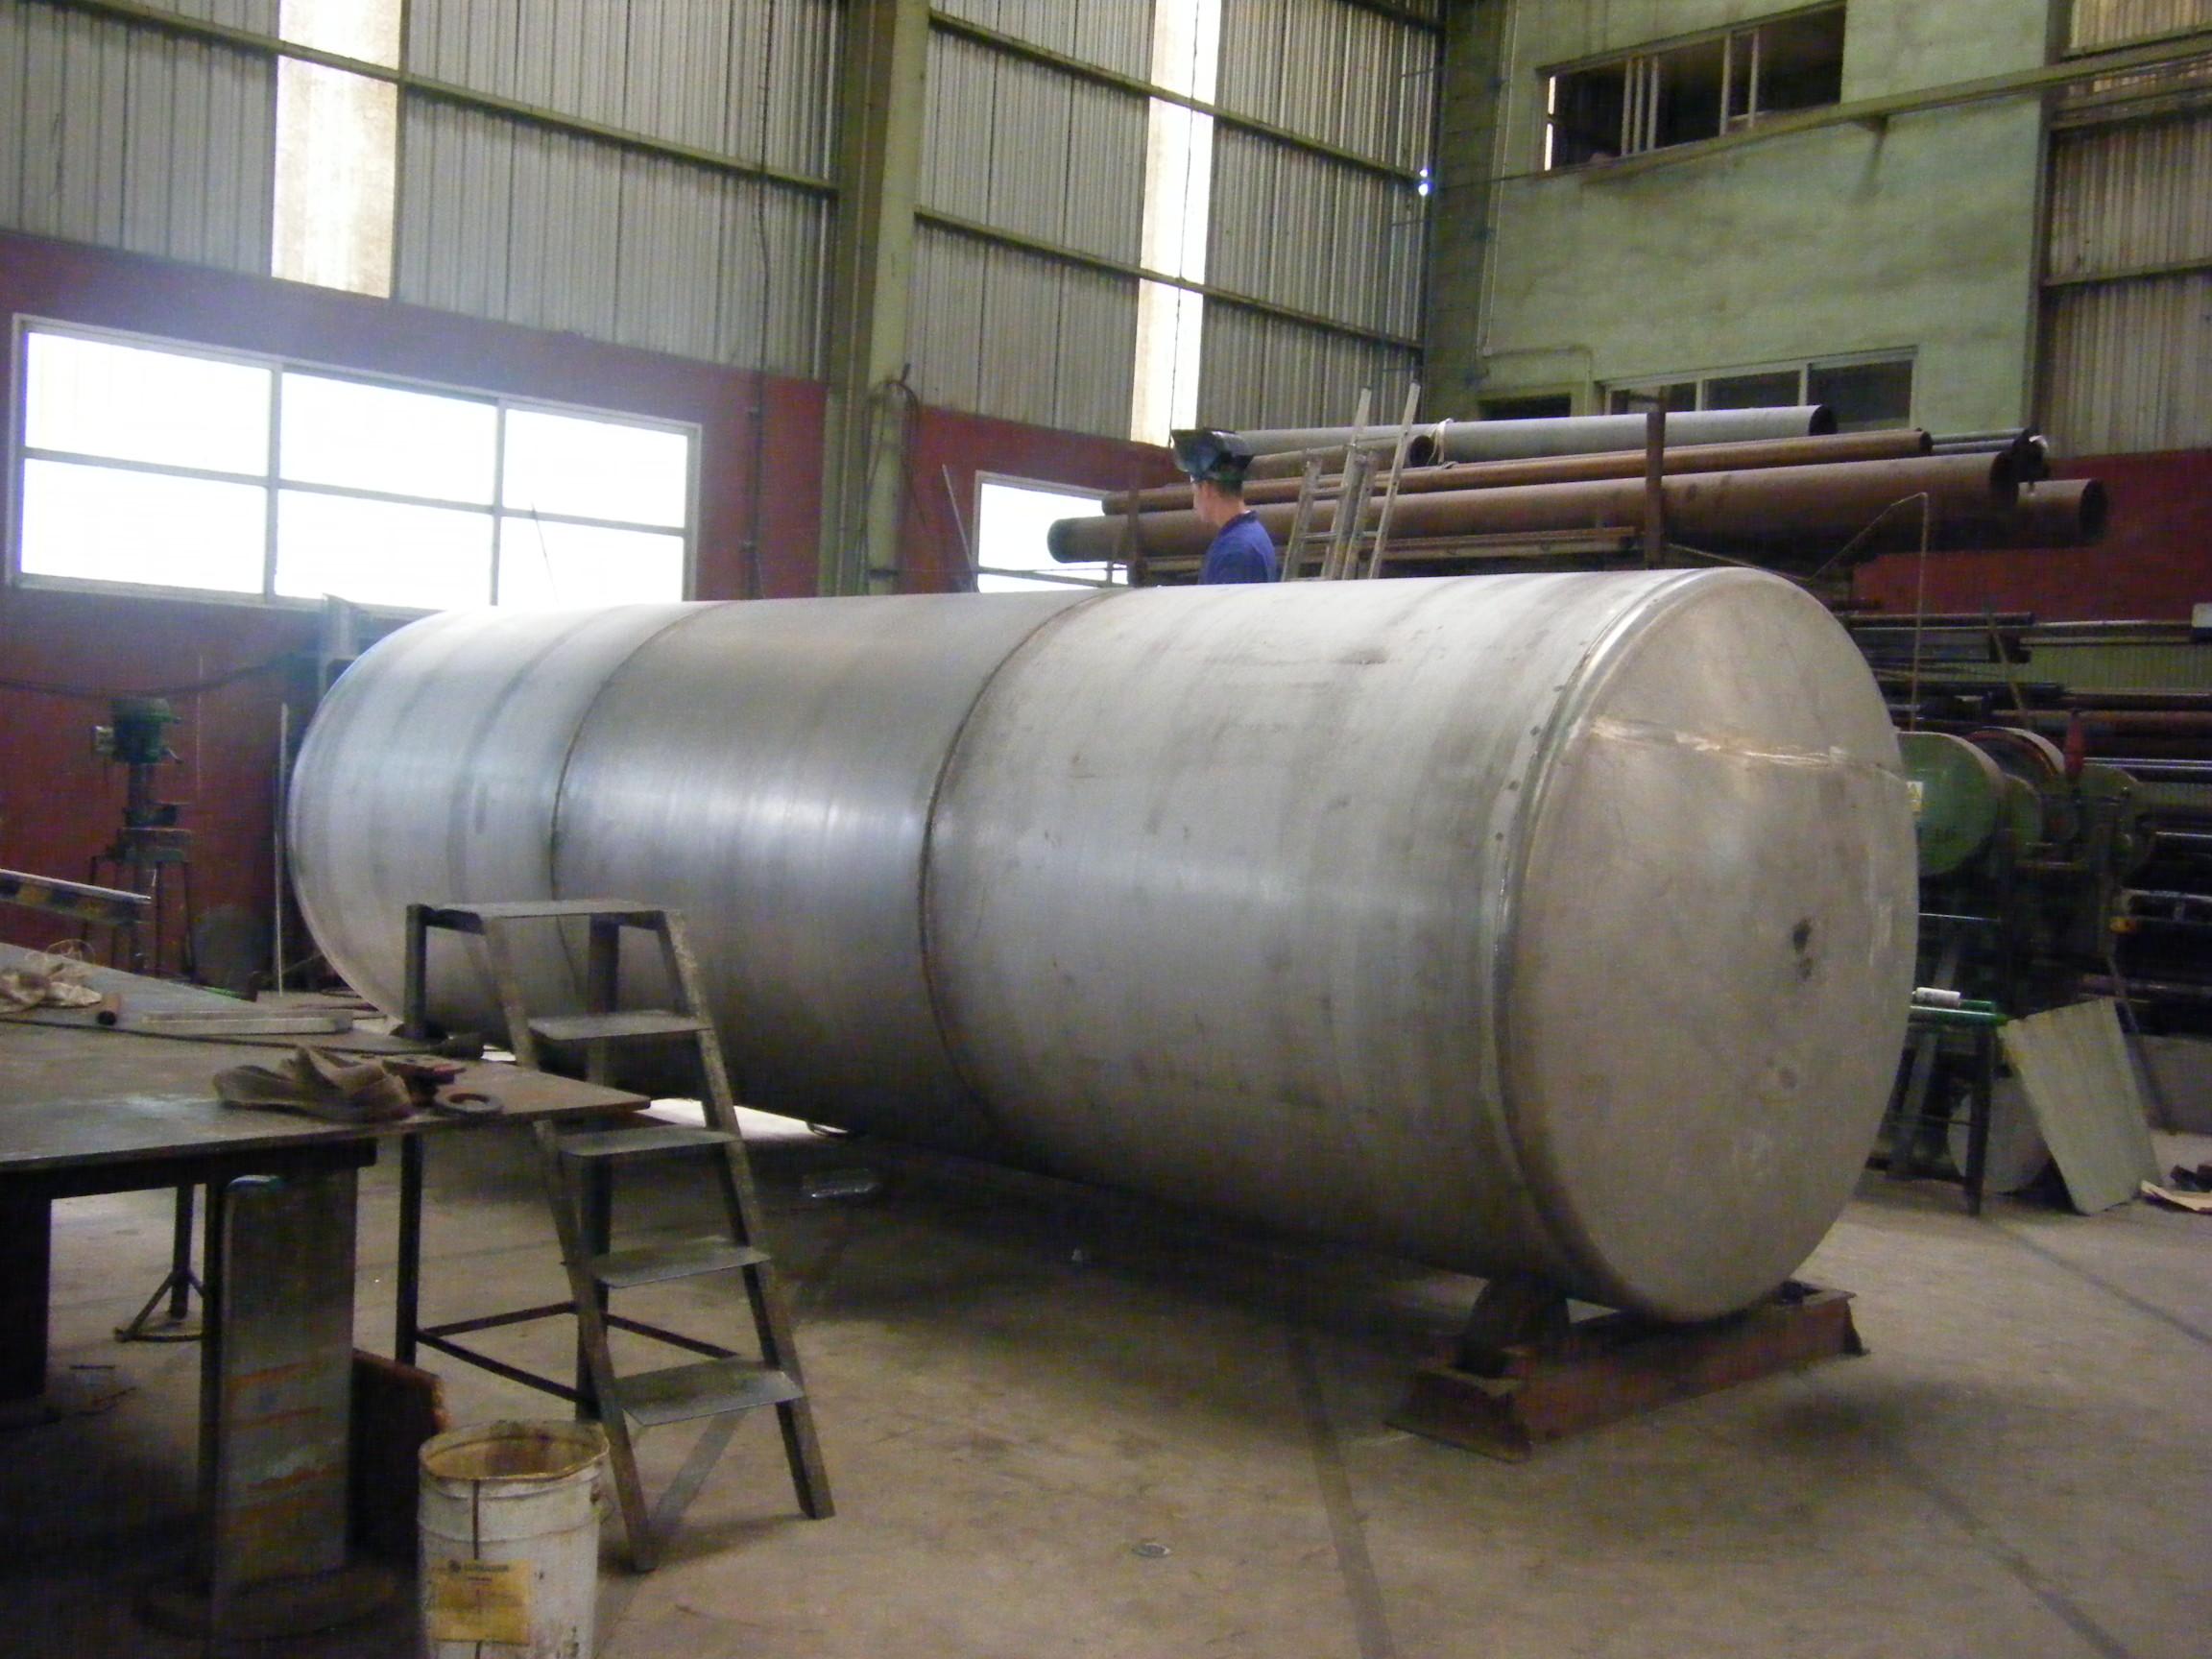 deposito nodriza vertical agua calderas de vapor Calderería López Hermanos, S.A. Valencia